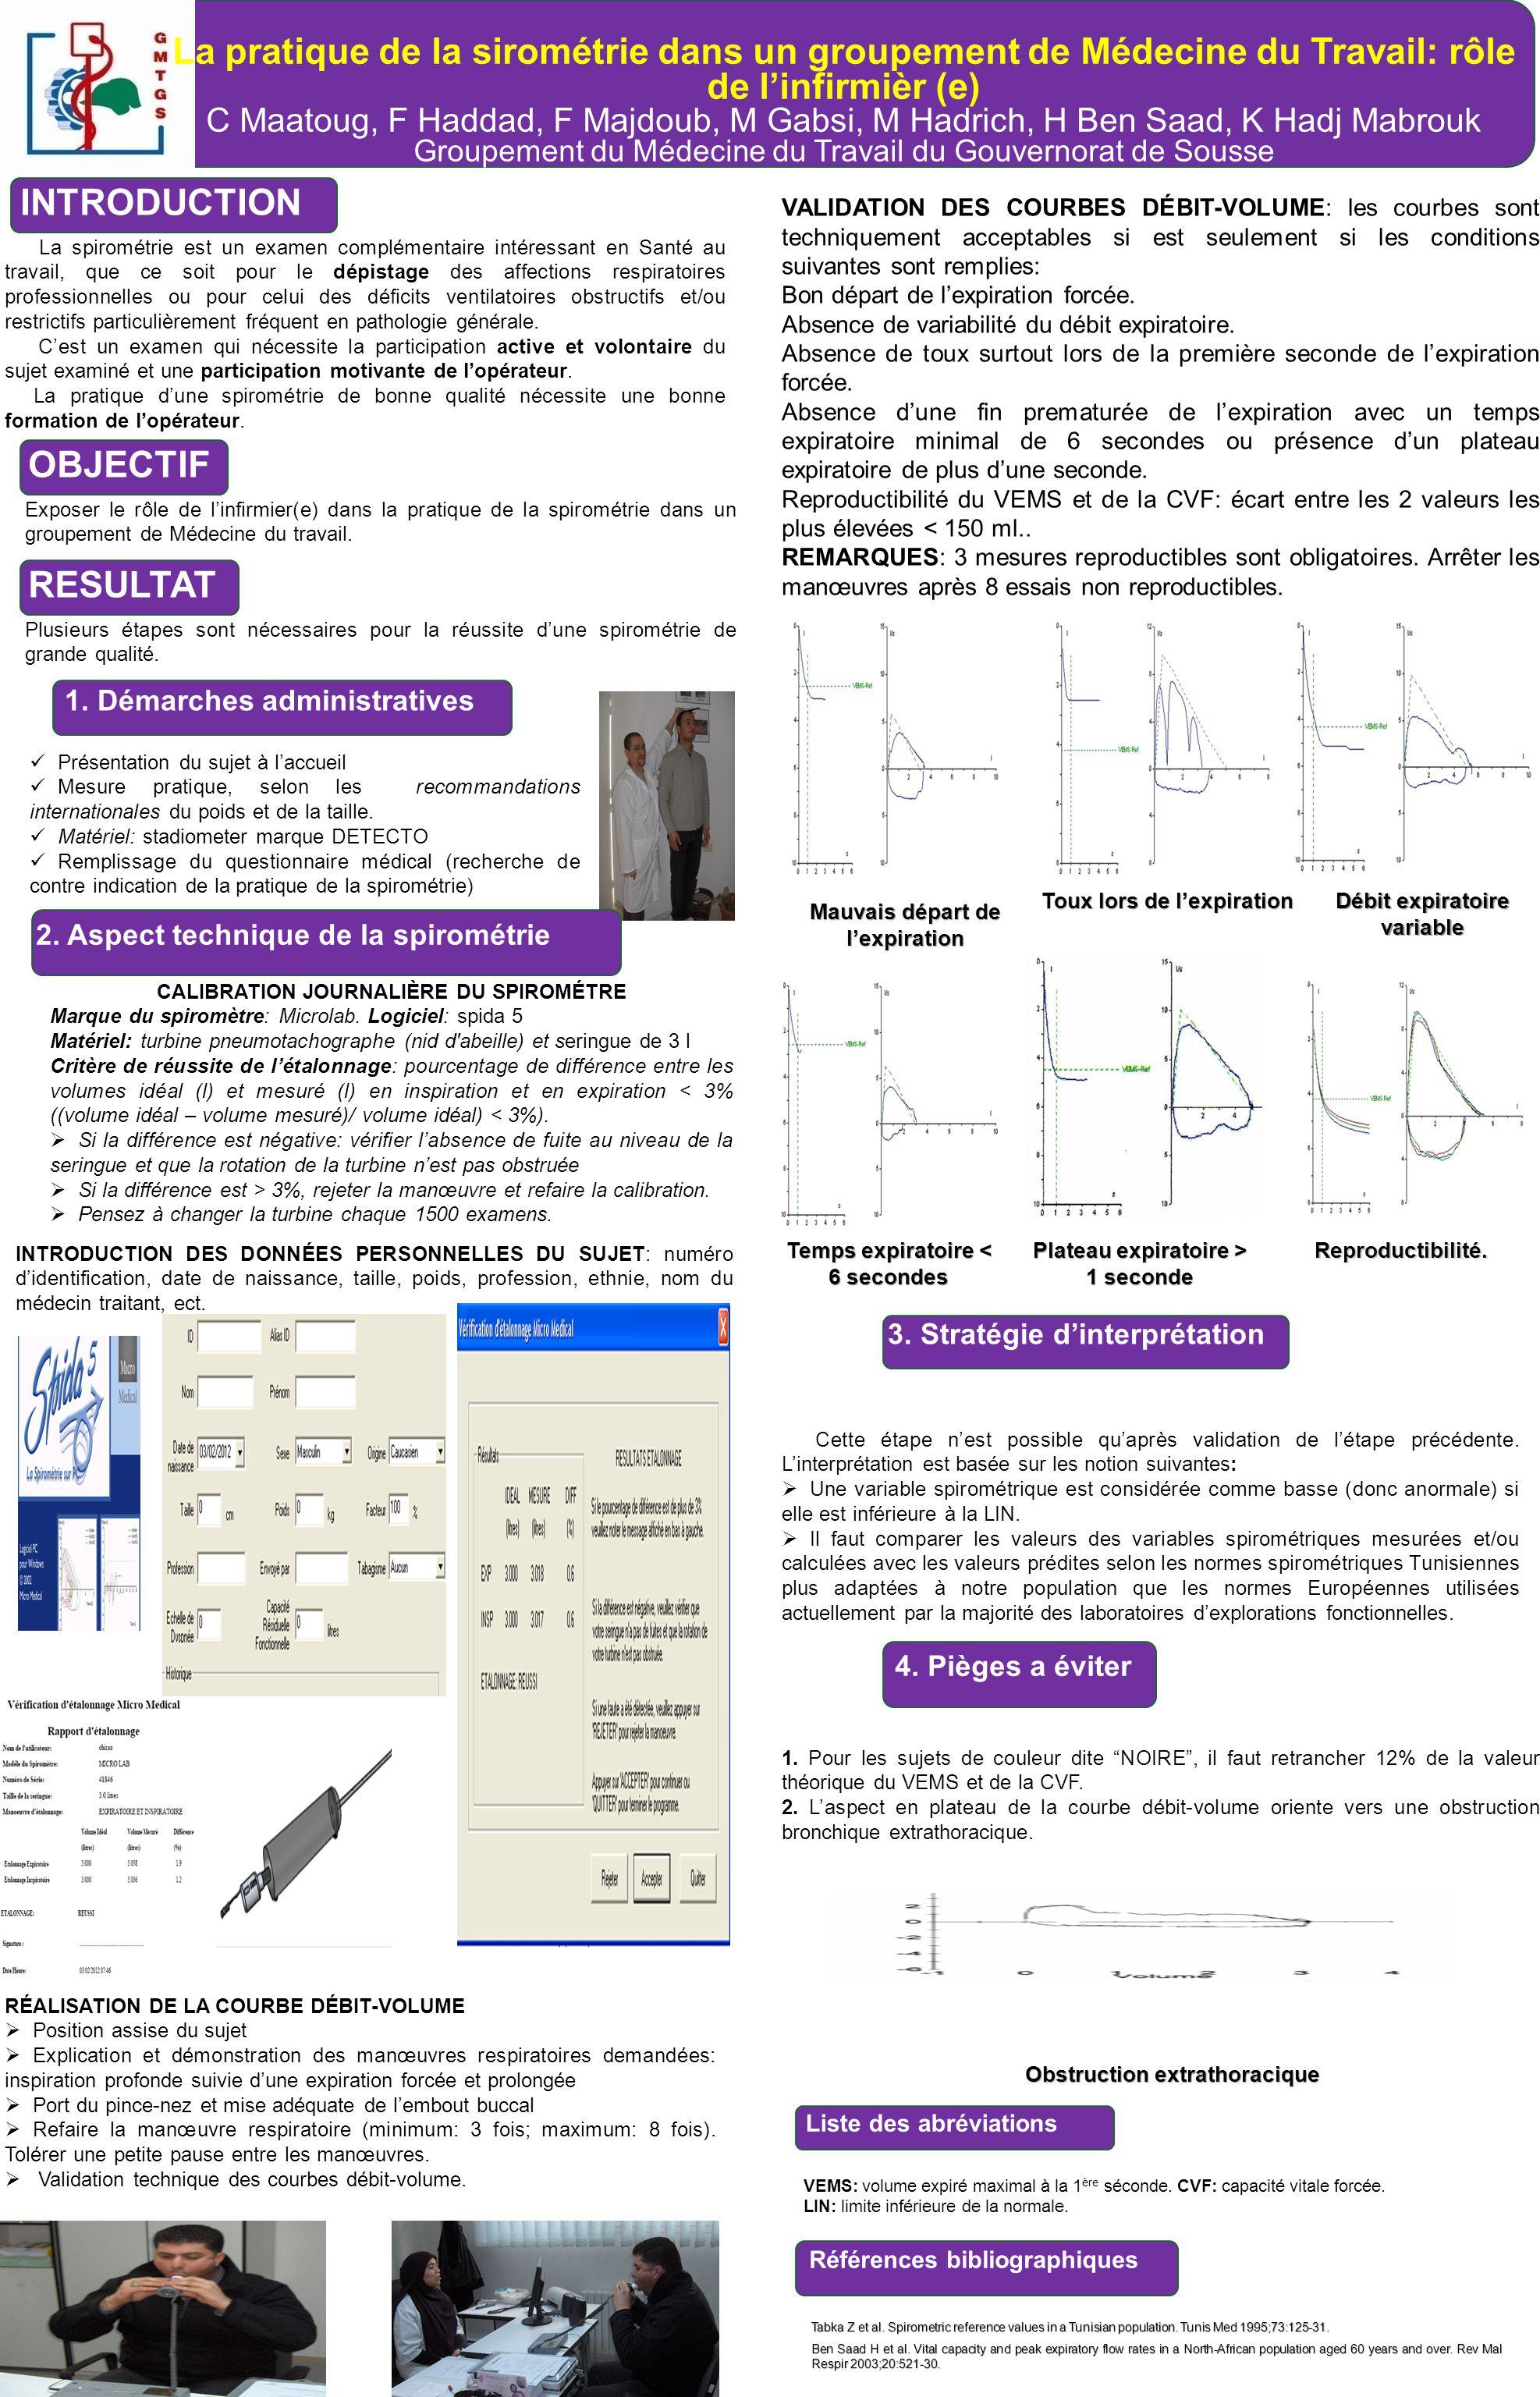 La pratique de la sirométrie dans un groupement de Médecine du Travail: rôle de l'infirmièr (e)